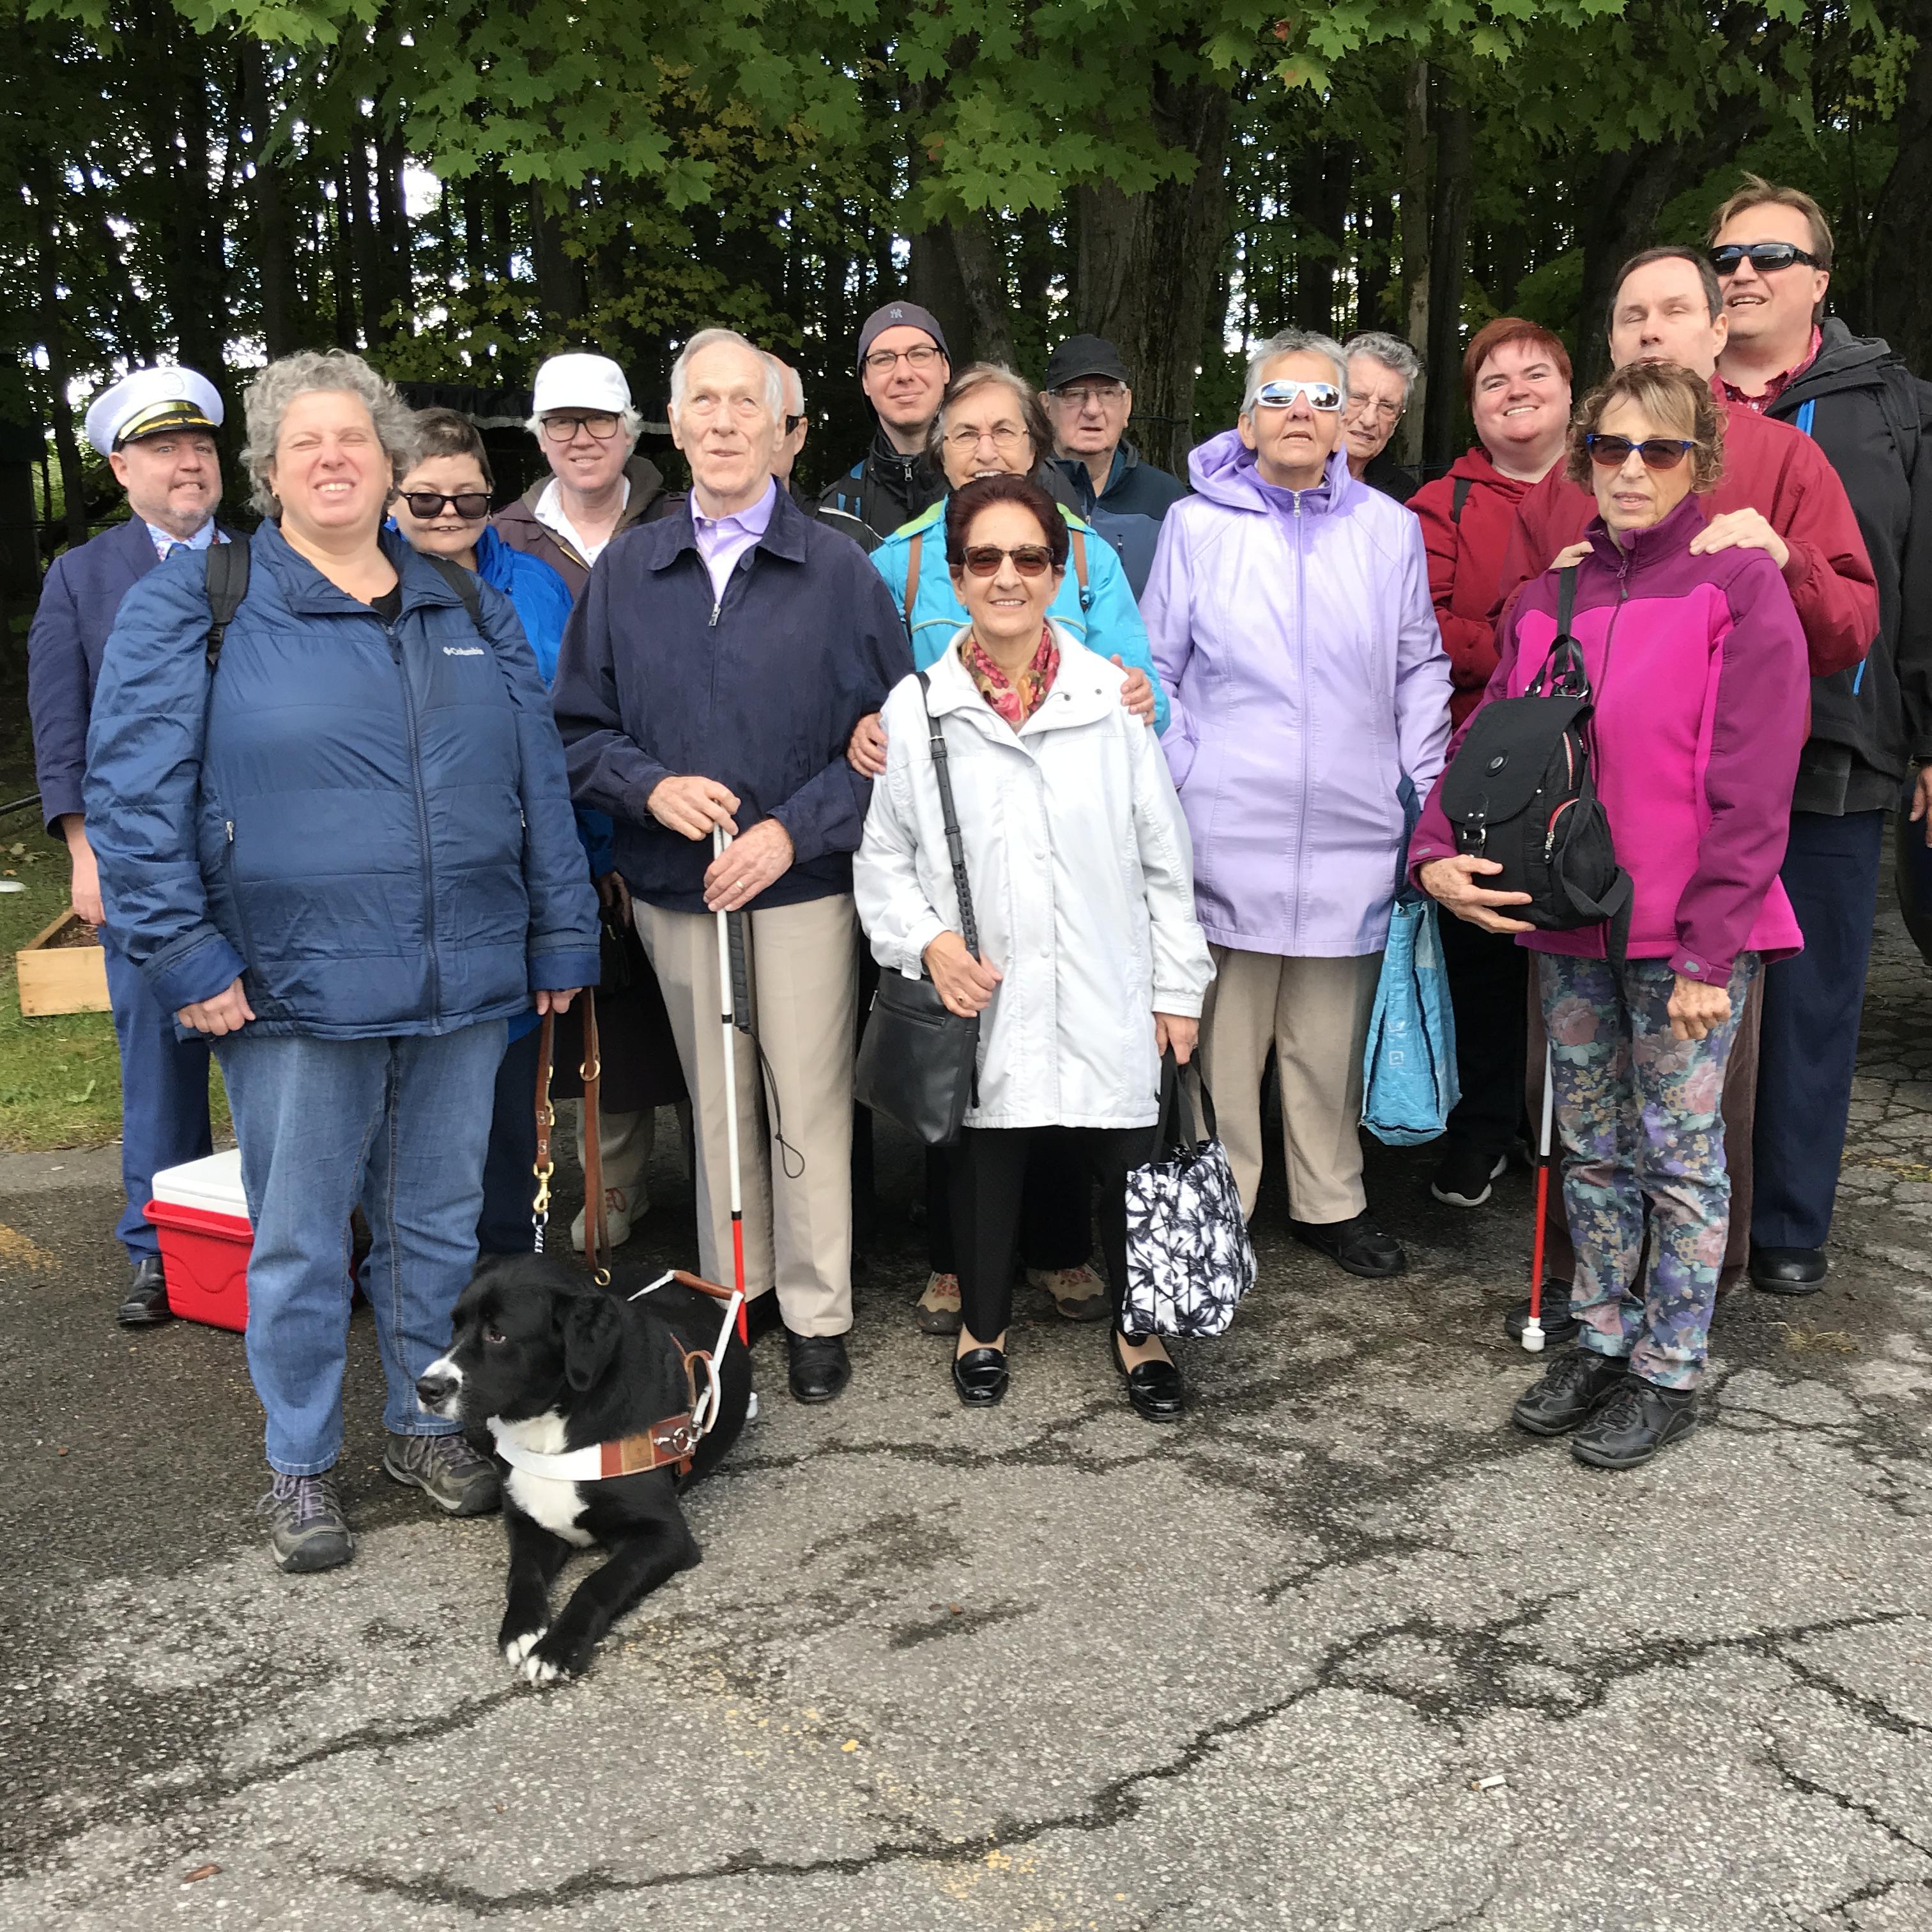 Groupe qui a participé à l'épluchette de blé d'Inde et à la cueillette de pommes qui a eu lieu le 29 septembre 2018 au Chalet du ruisseau situé à Mirabel.